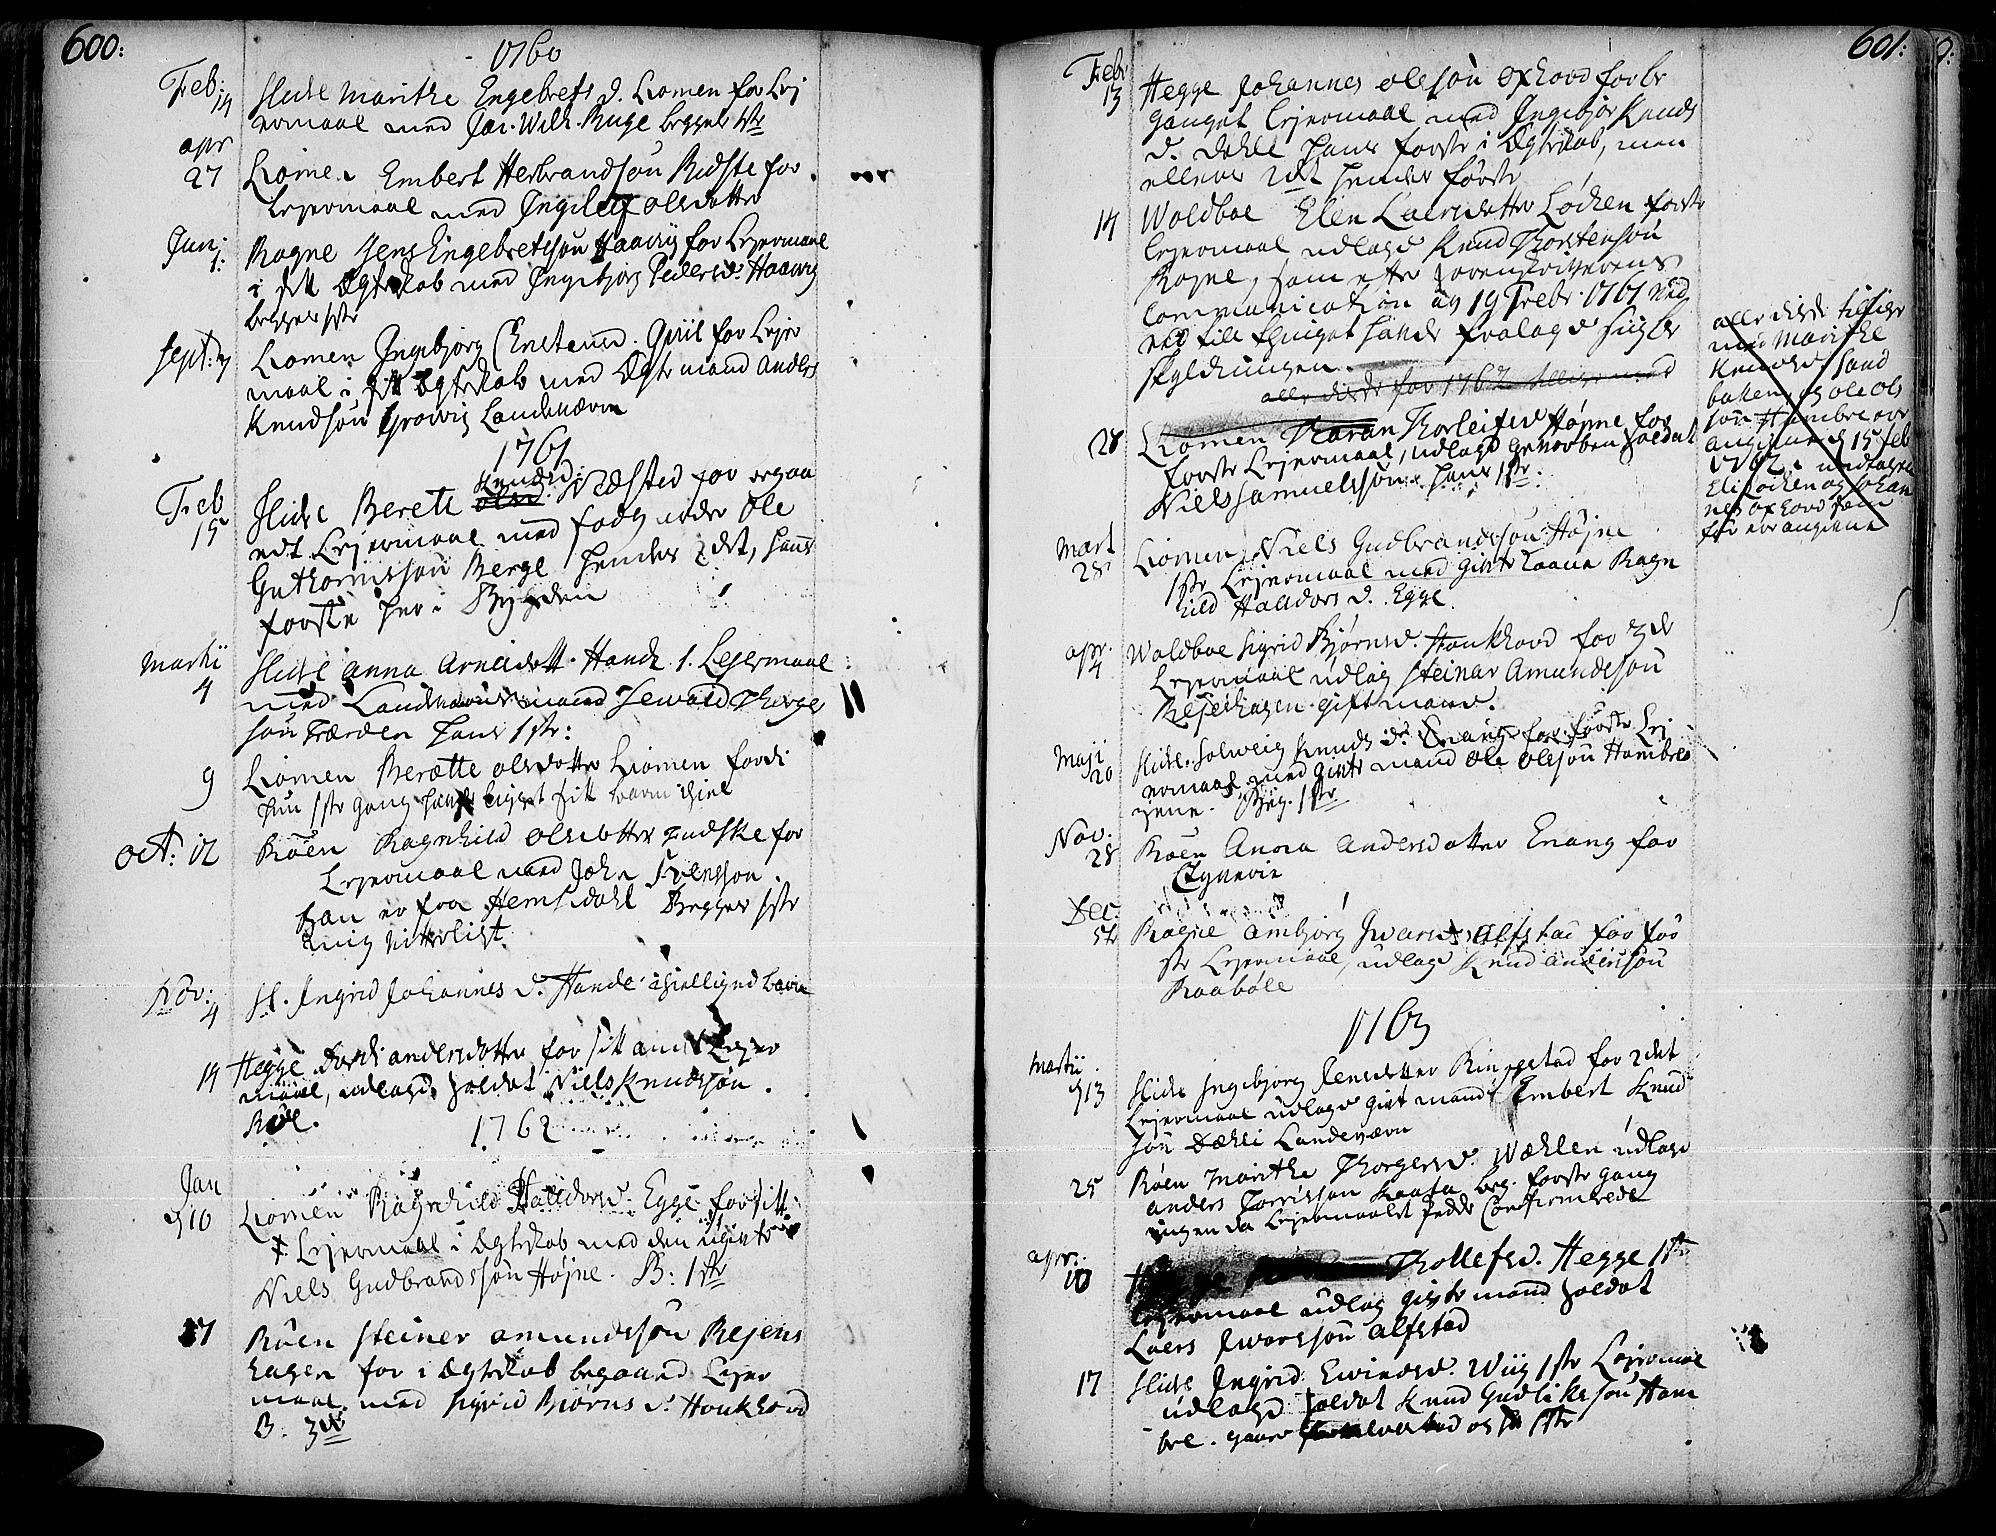 SAH, Slidre prestekontor, Ministerialbok nr. 1, 1724-1814, s. 600-601